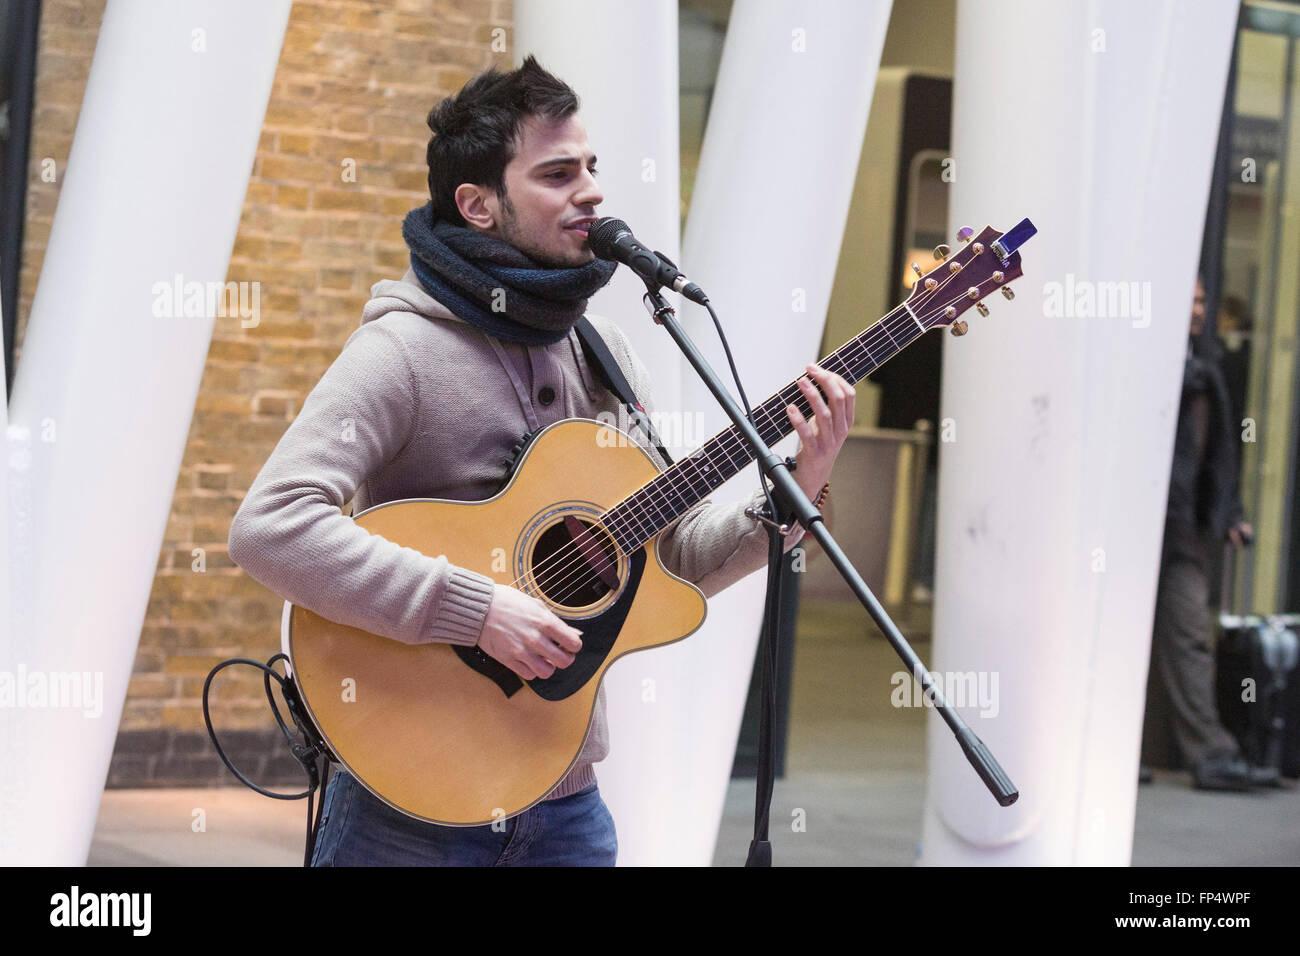 Londres, Royaume-Uni. 16 mars 2016. Luca Fiore, lauréat du concours 2015 Busk à Londres, réalise dans le grand hall de la gare de Kings Cross. Banque D'Images